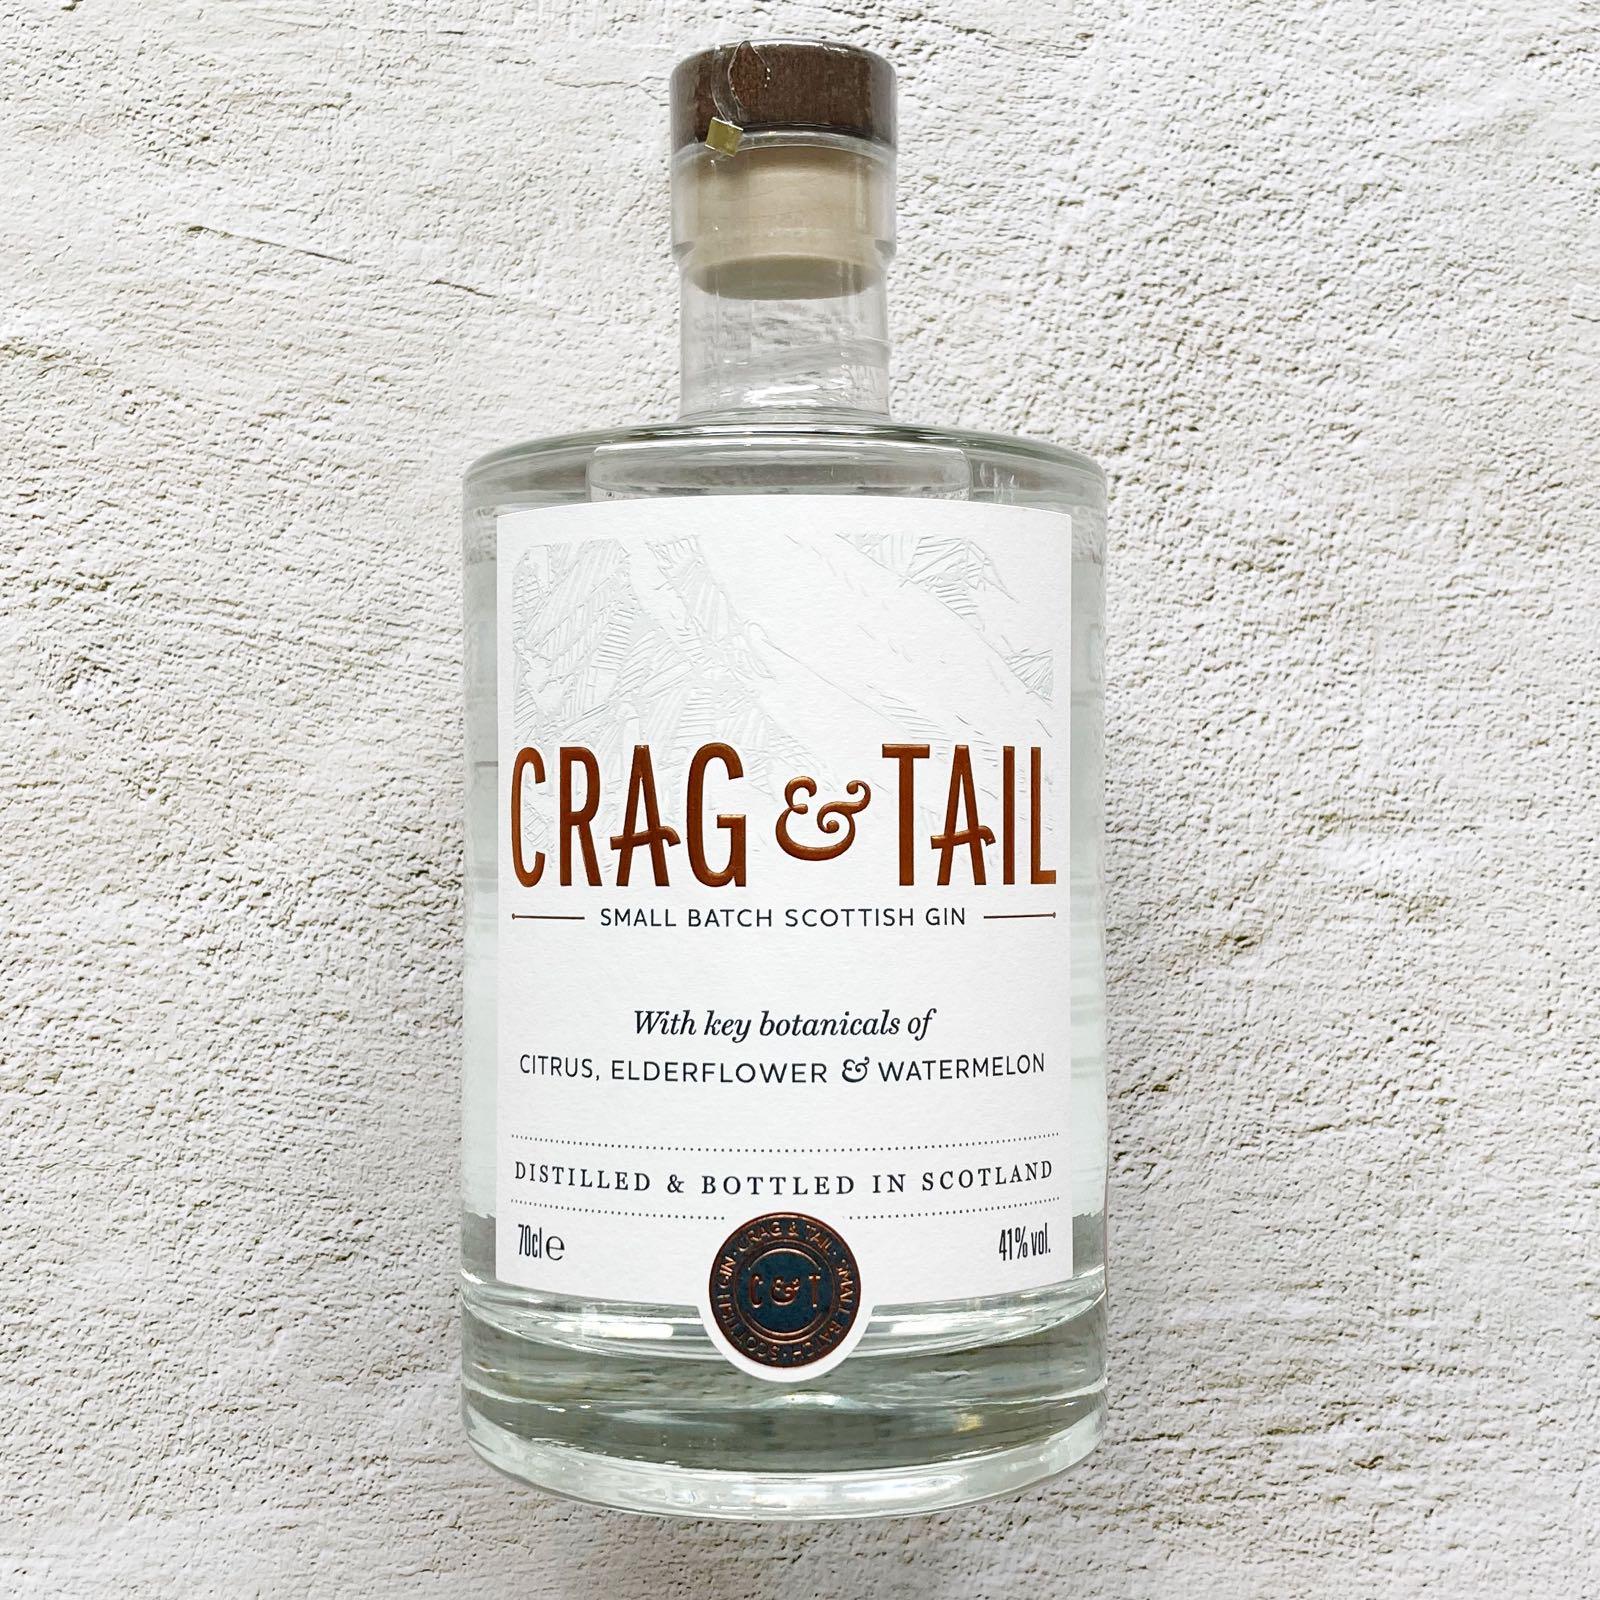 Crag & Tail Gin